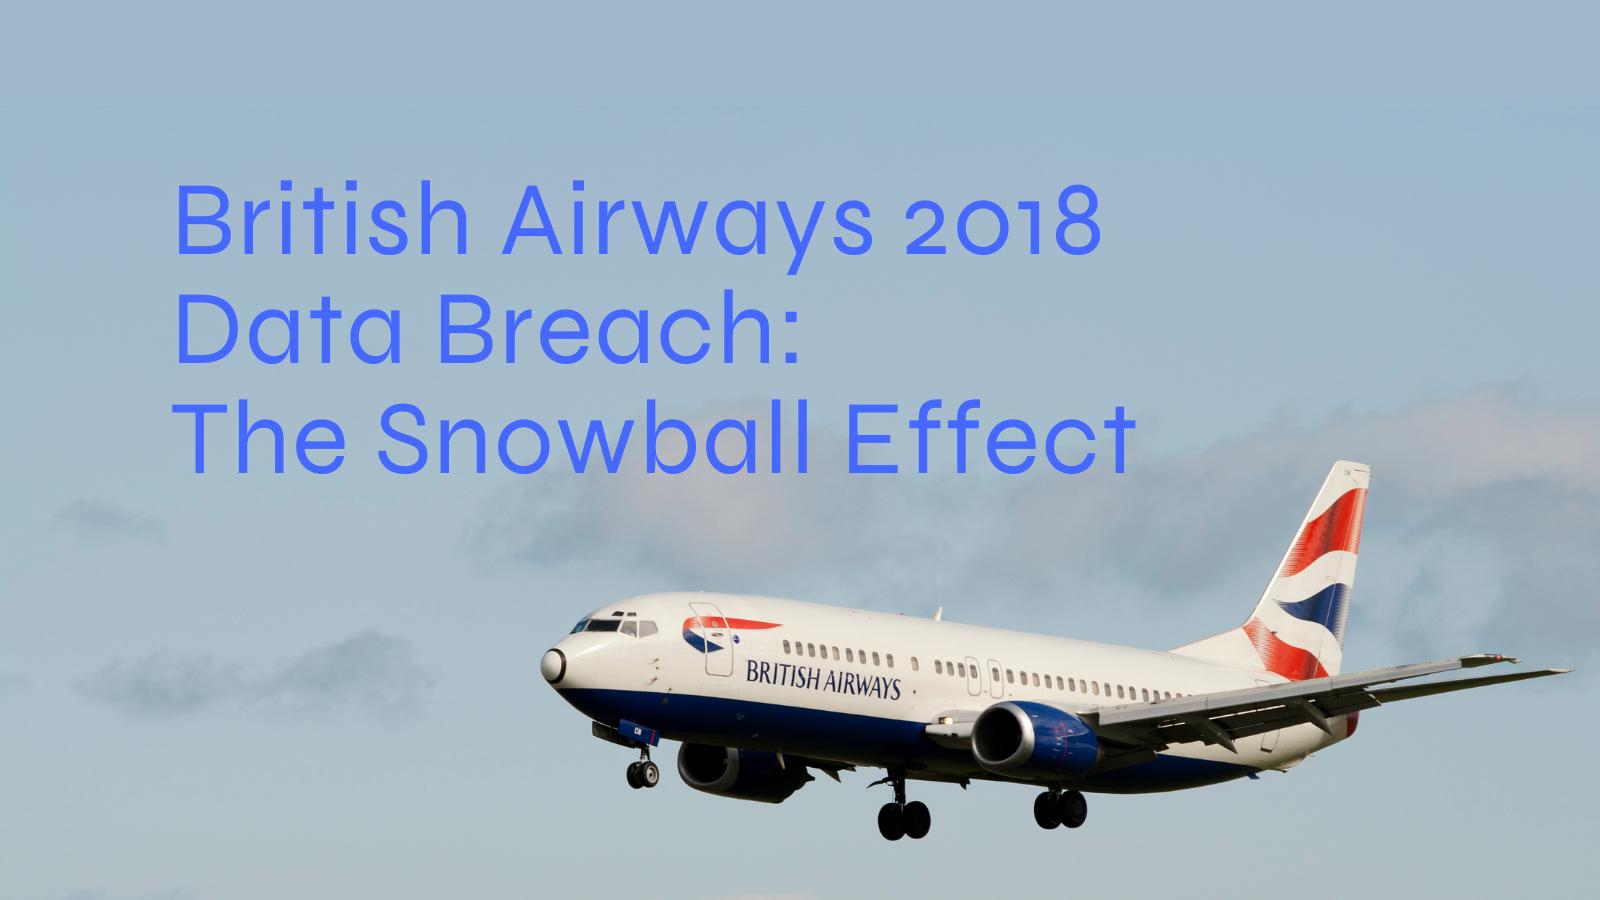 British Airways 2018 Data Breach: The Snowball Effect